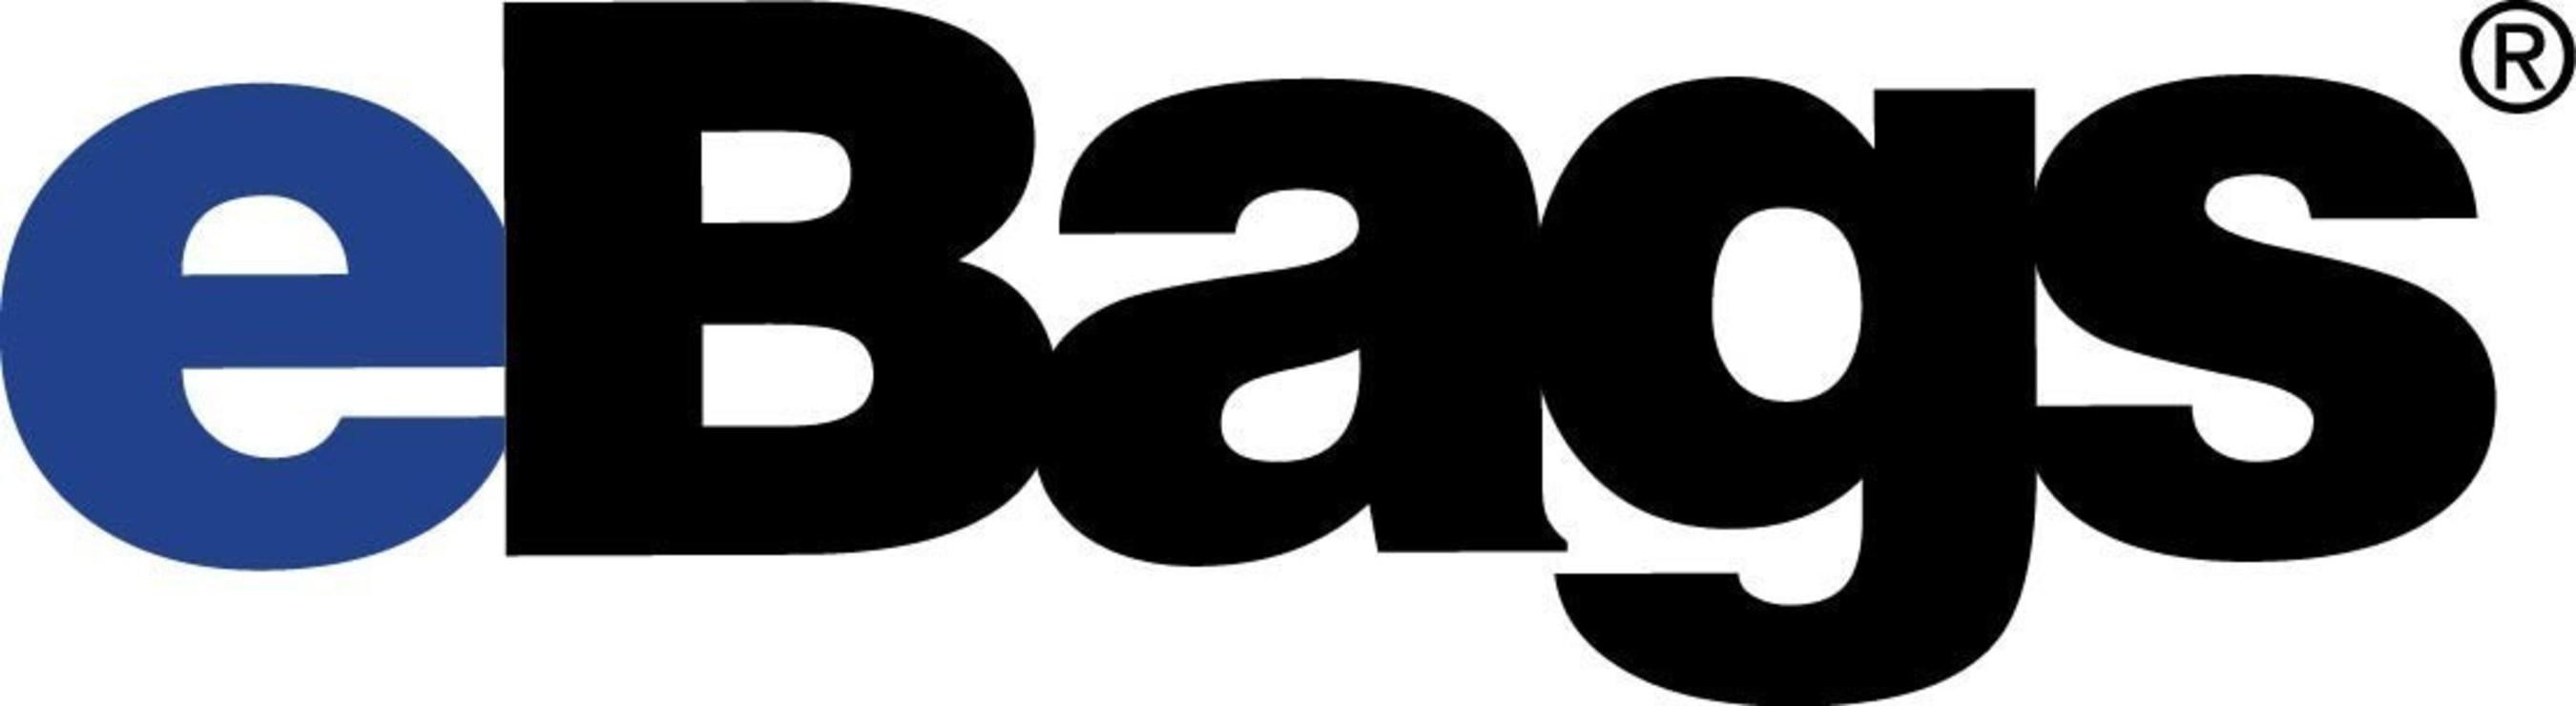 eBags.com